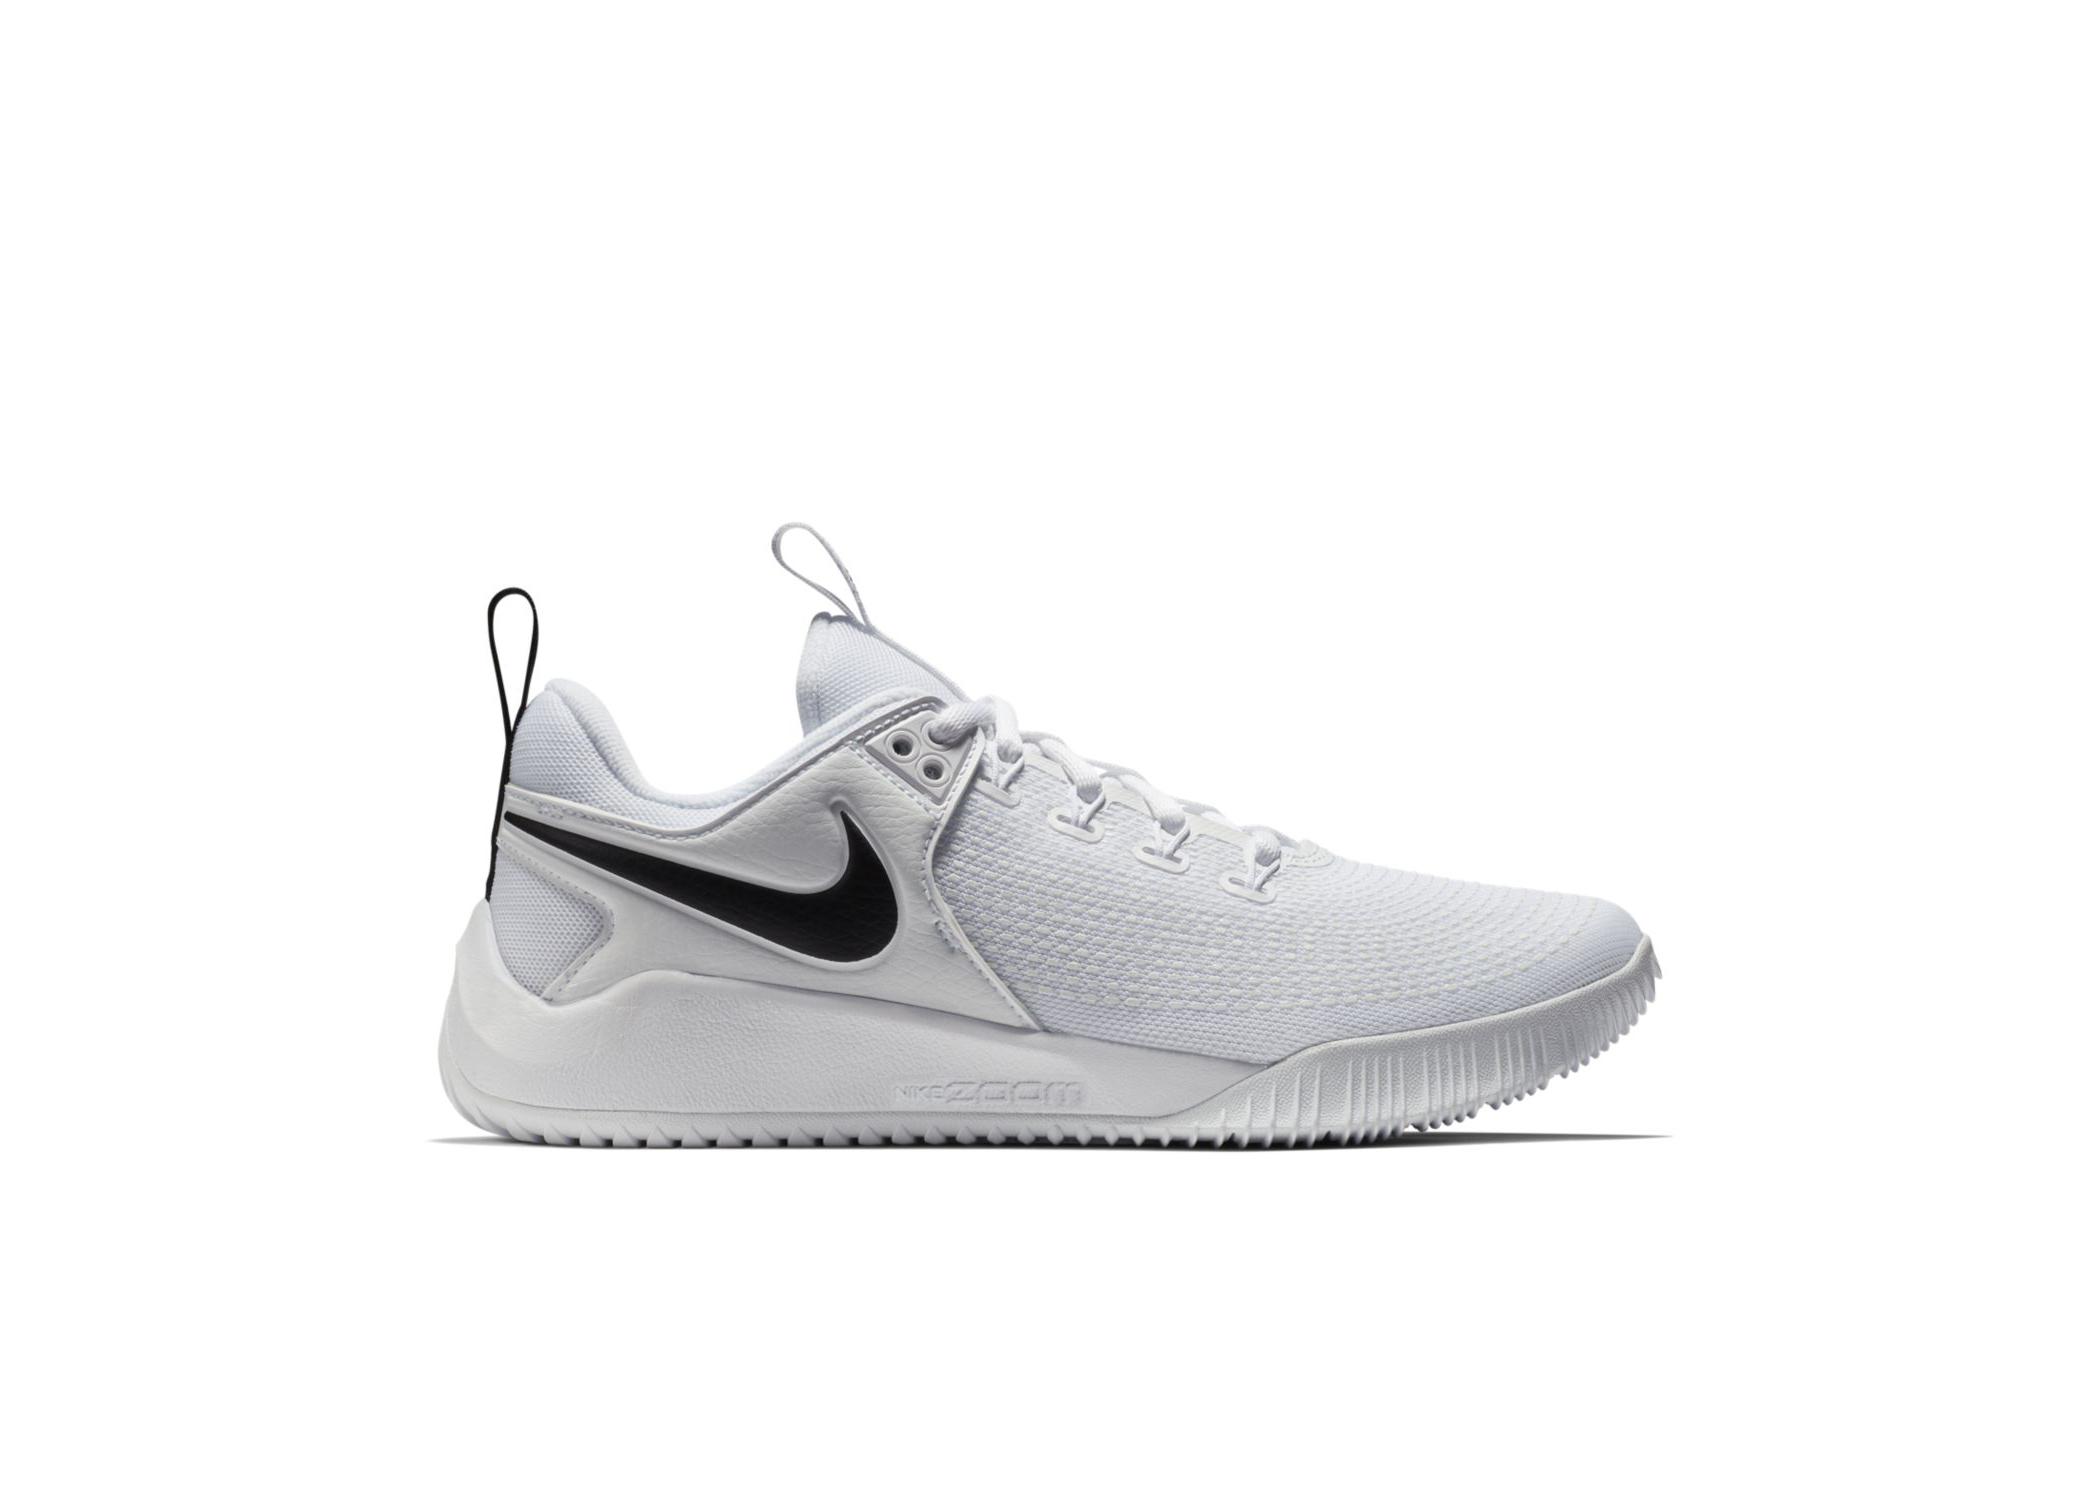 Nike Air Zoom Hyperace 2 White Black (W) - AA0286-100